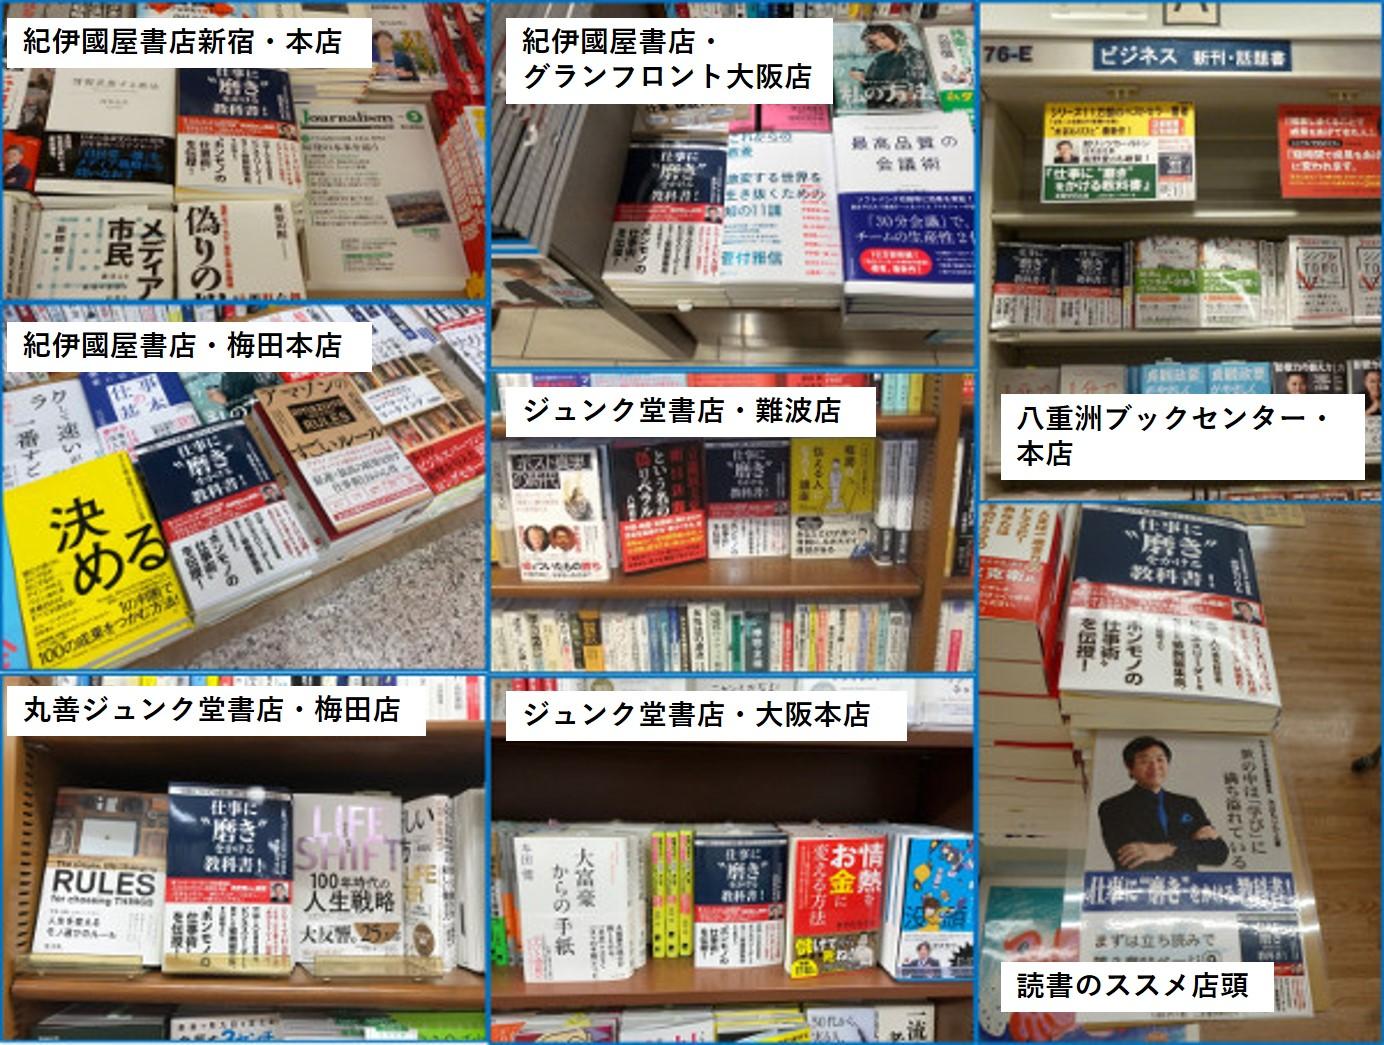 20180420-書店の様子3.jpg